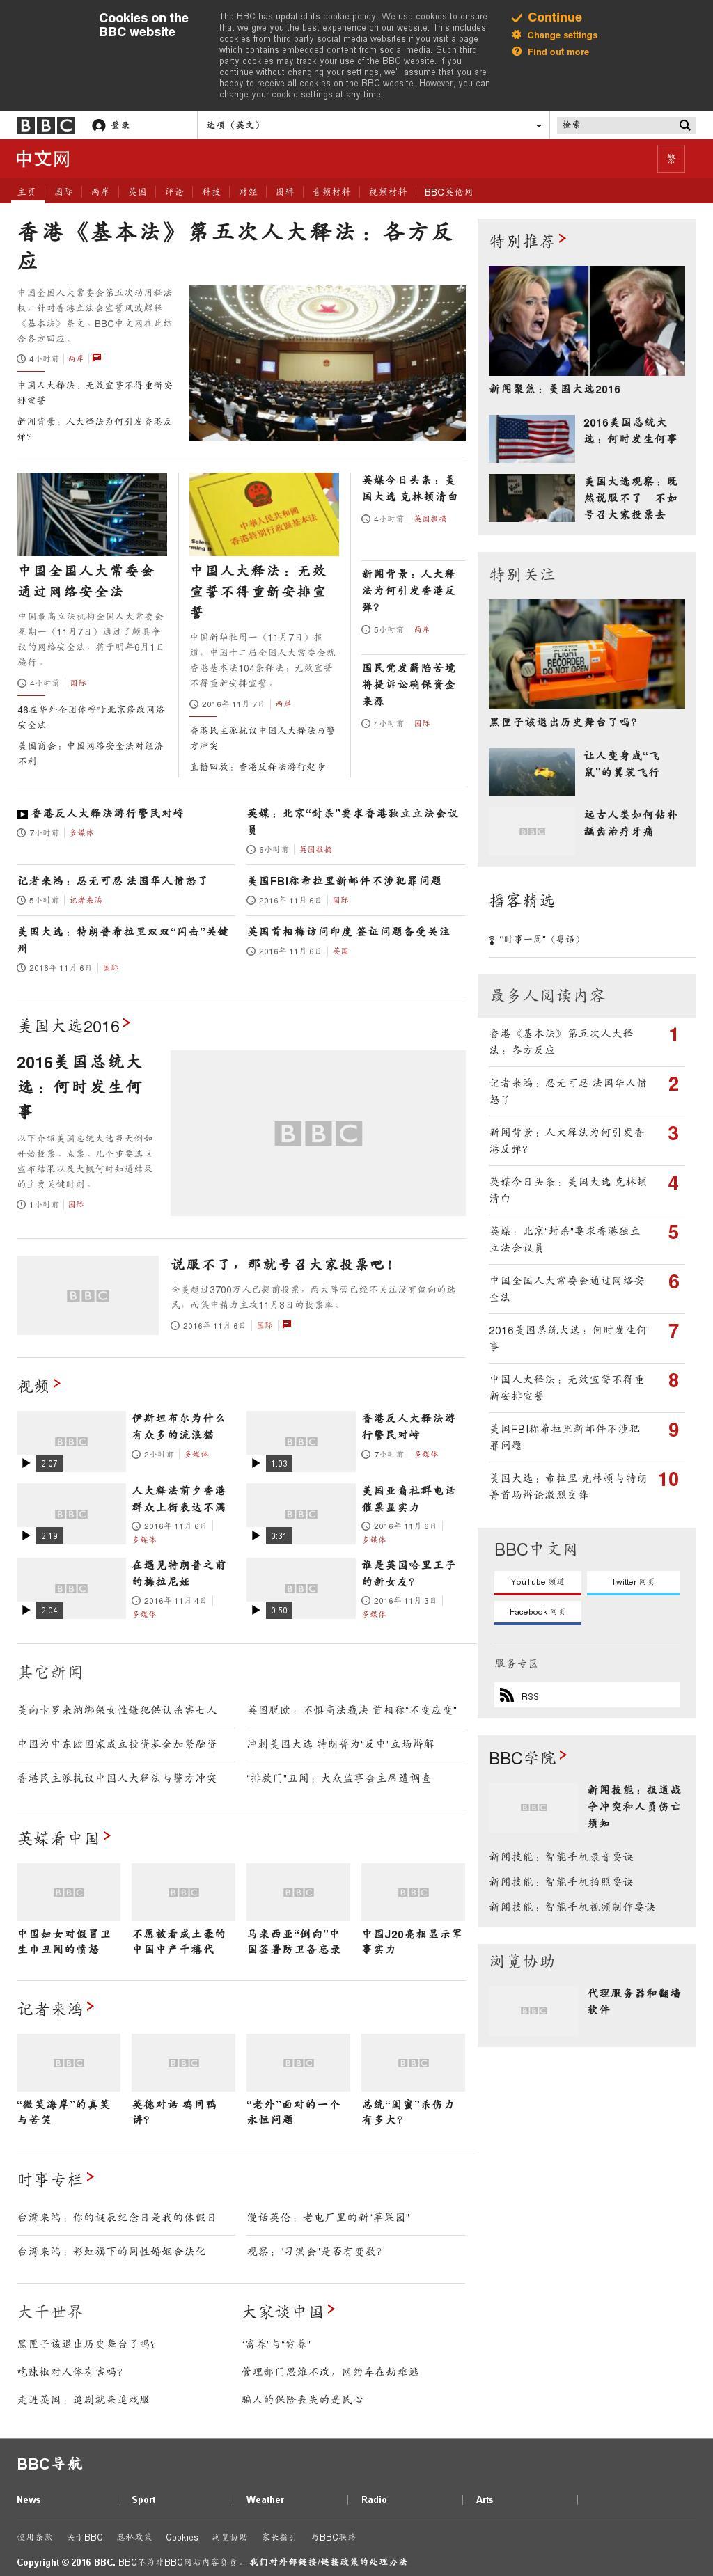 BBC (Chinese) at Monday Nov. 7, 2016, 4 p.m. UTC